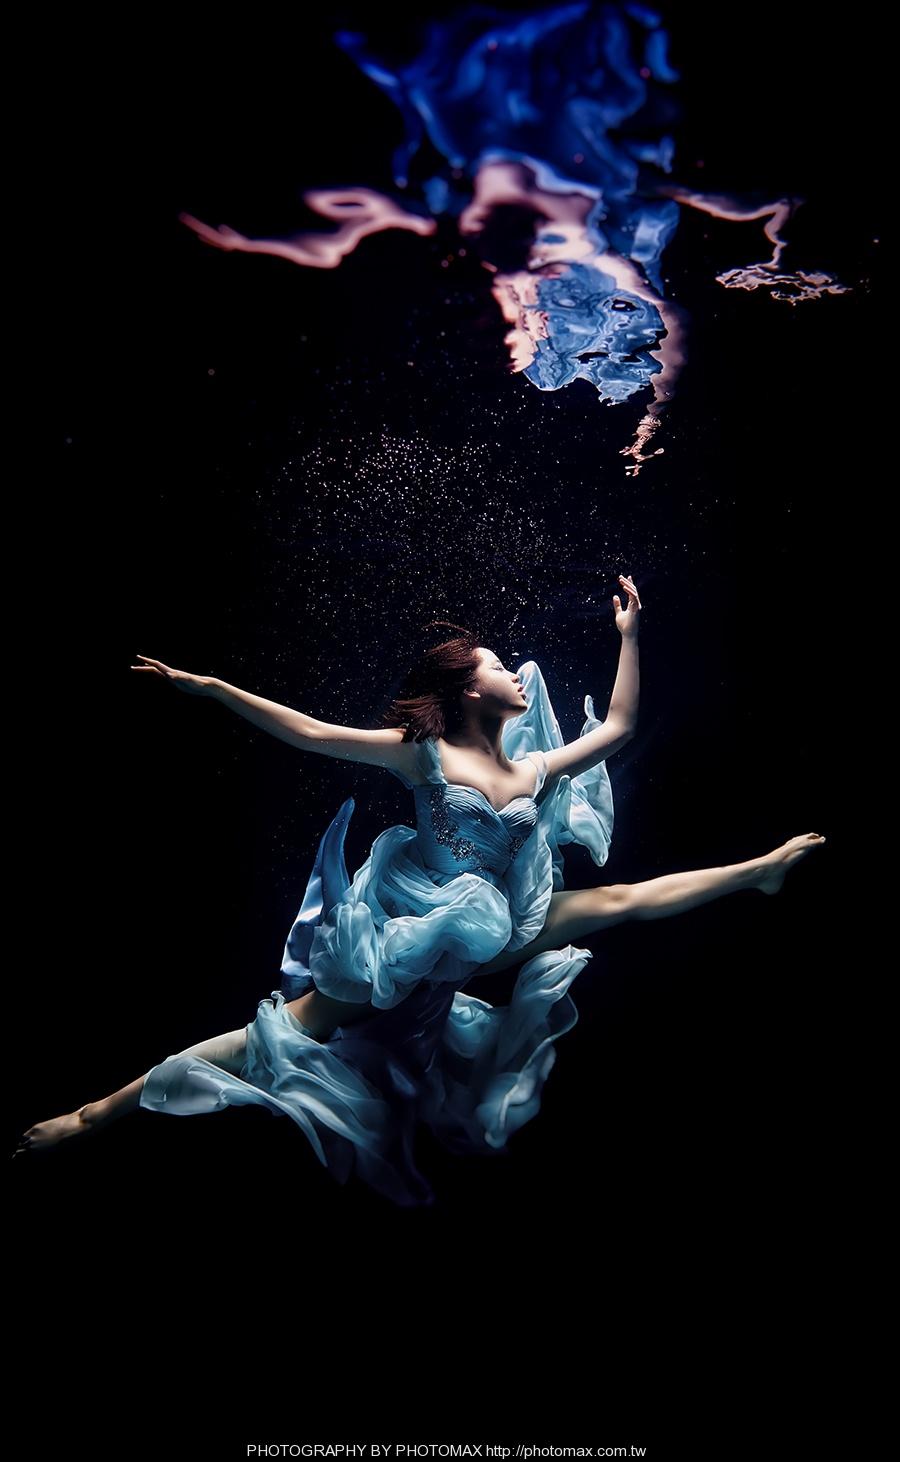 水下婚纱摄影 老麦摄影 创意婚纱摄影 (2)